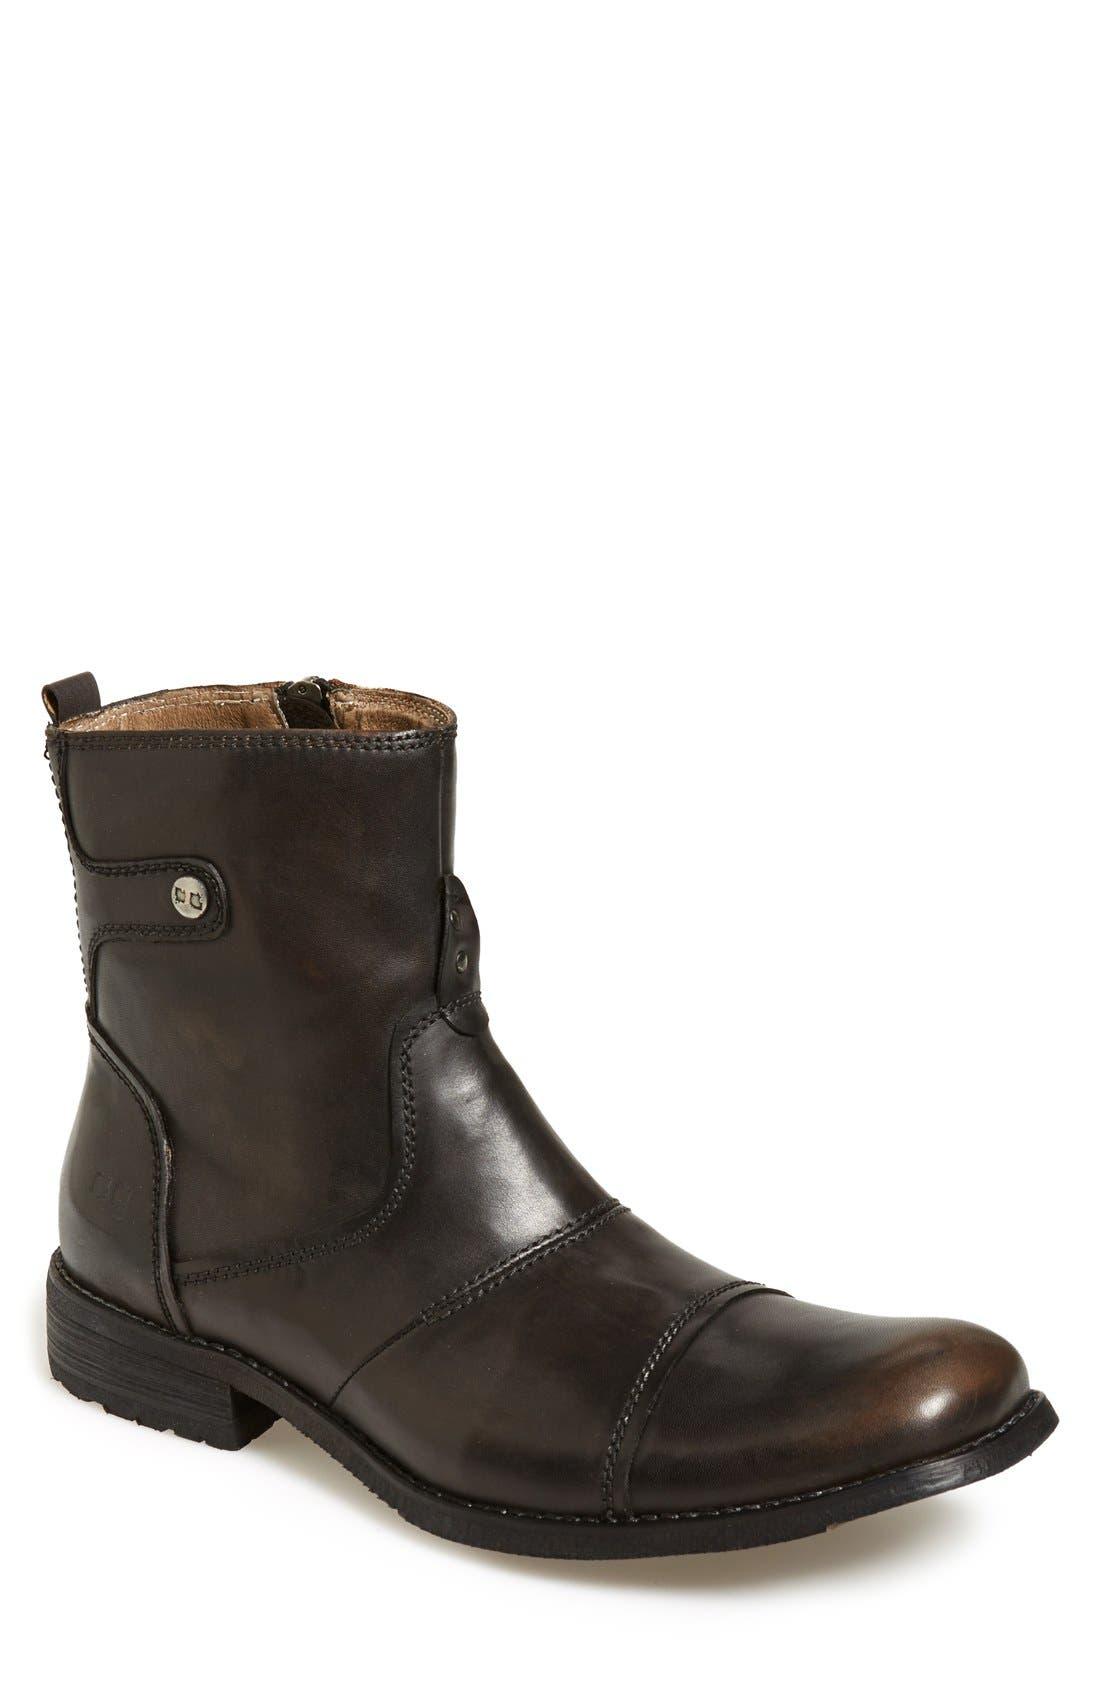 Alternate Image 1 Selected - Bed Stu 'Burst' Boot (Online Only) (Men)